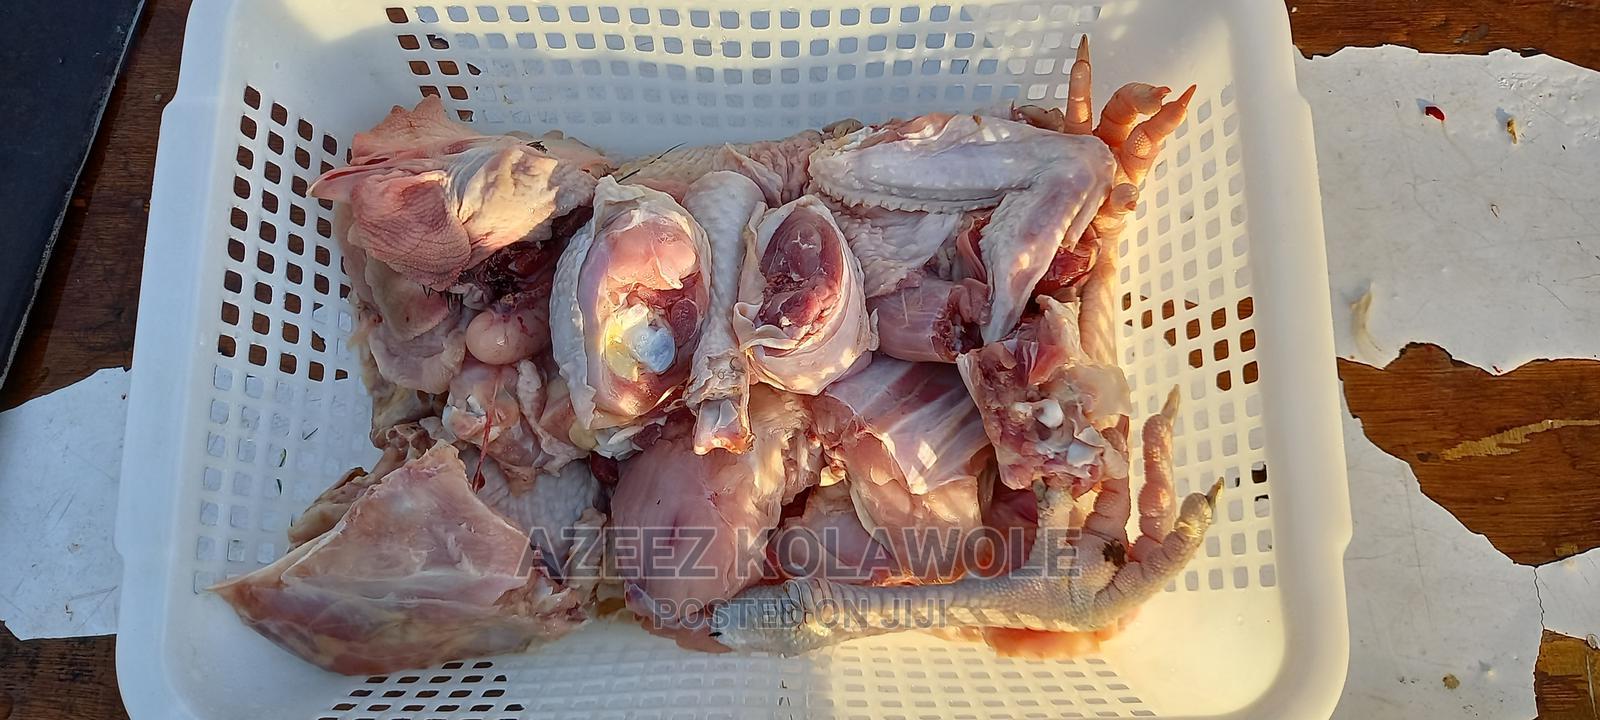 4la Farms Poutlry Meat